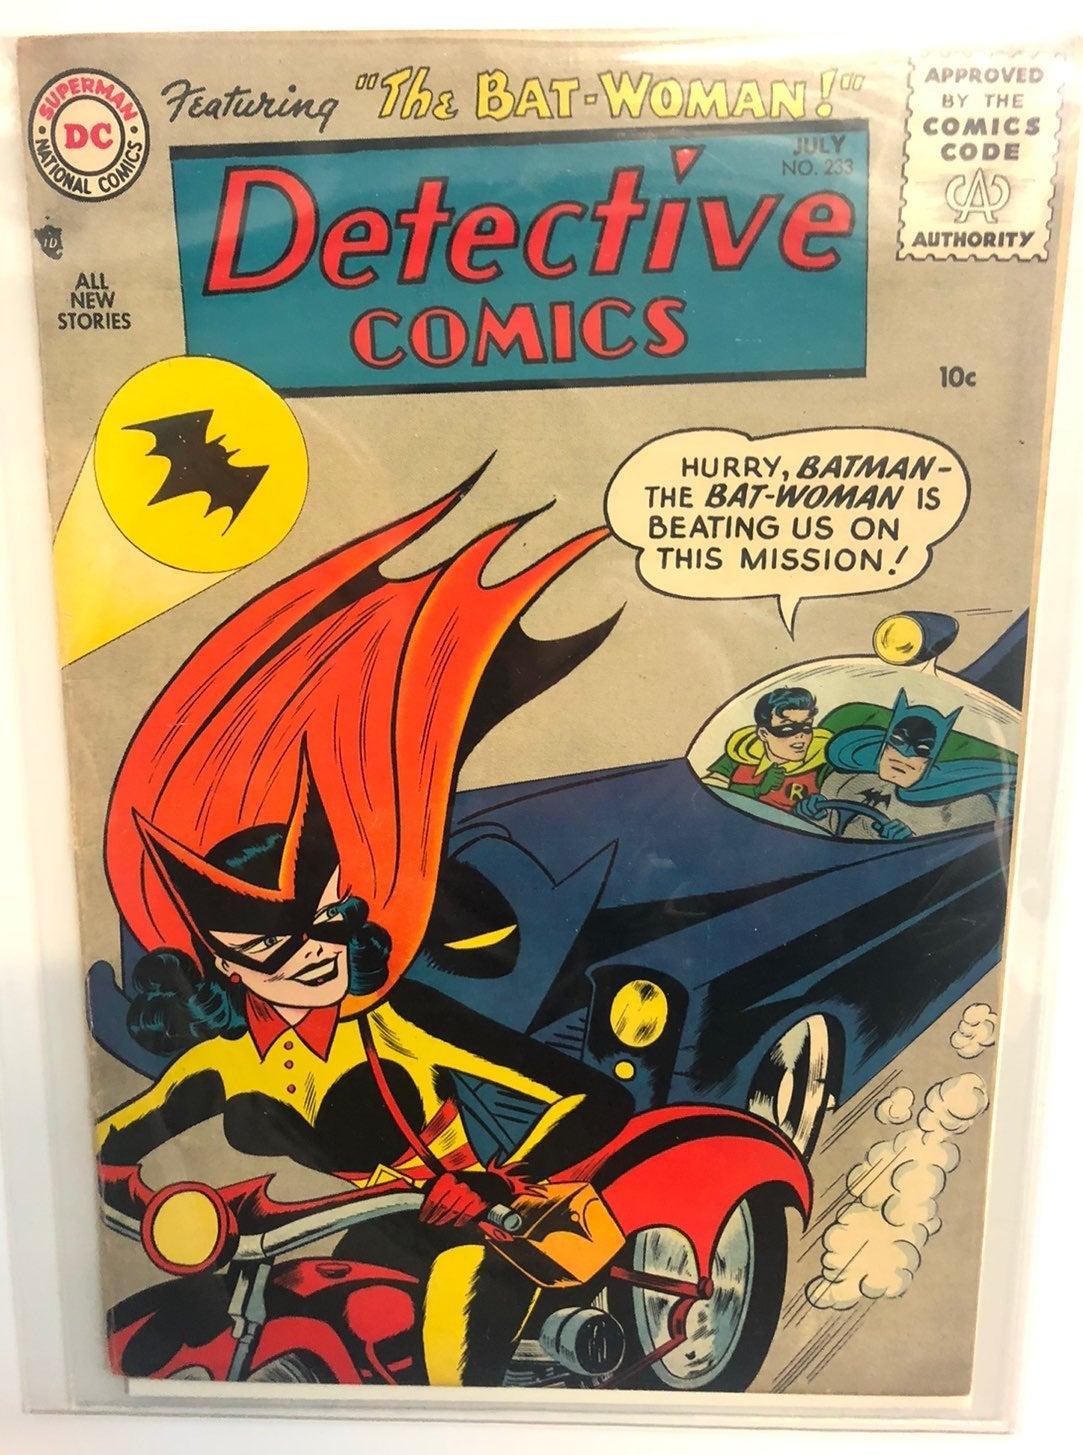 Detective Comics July #233 F/A Bat Woman